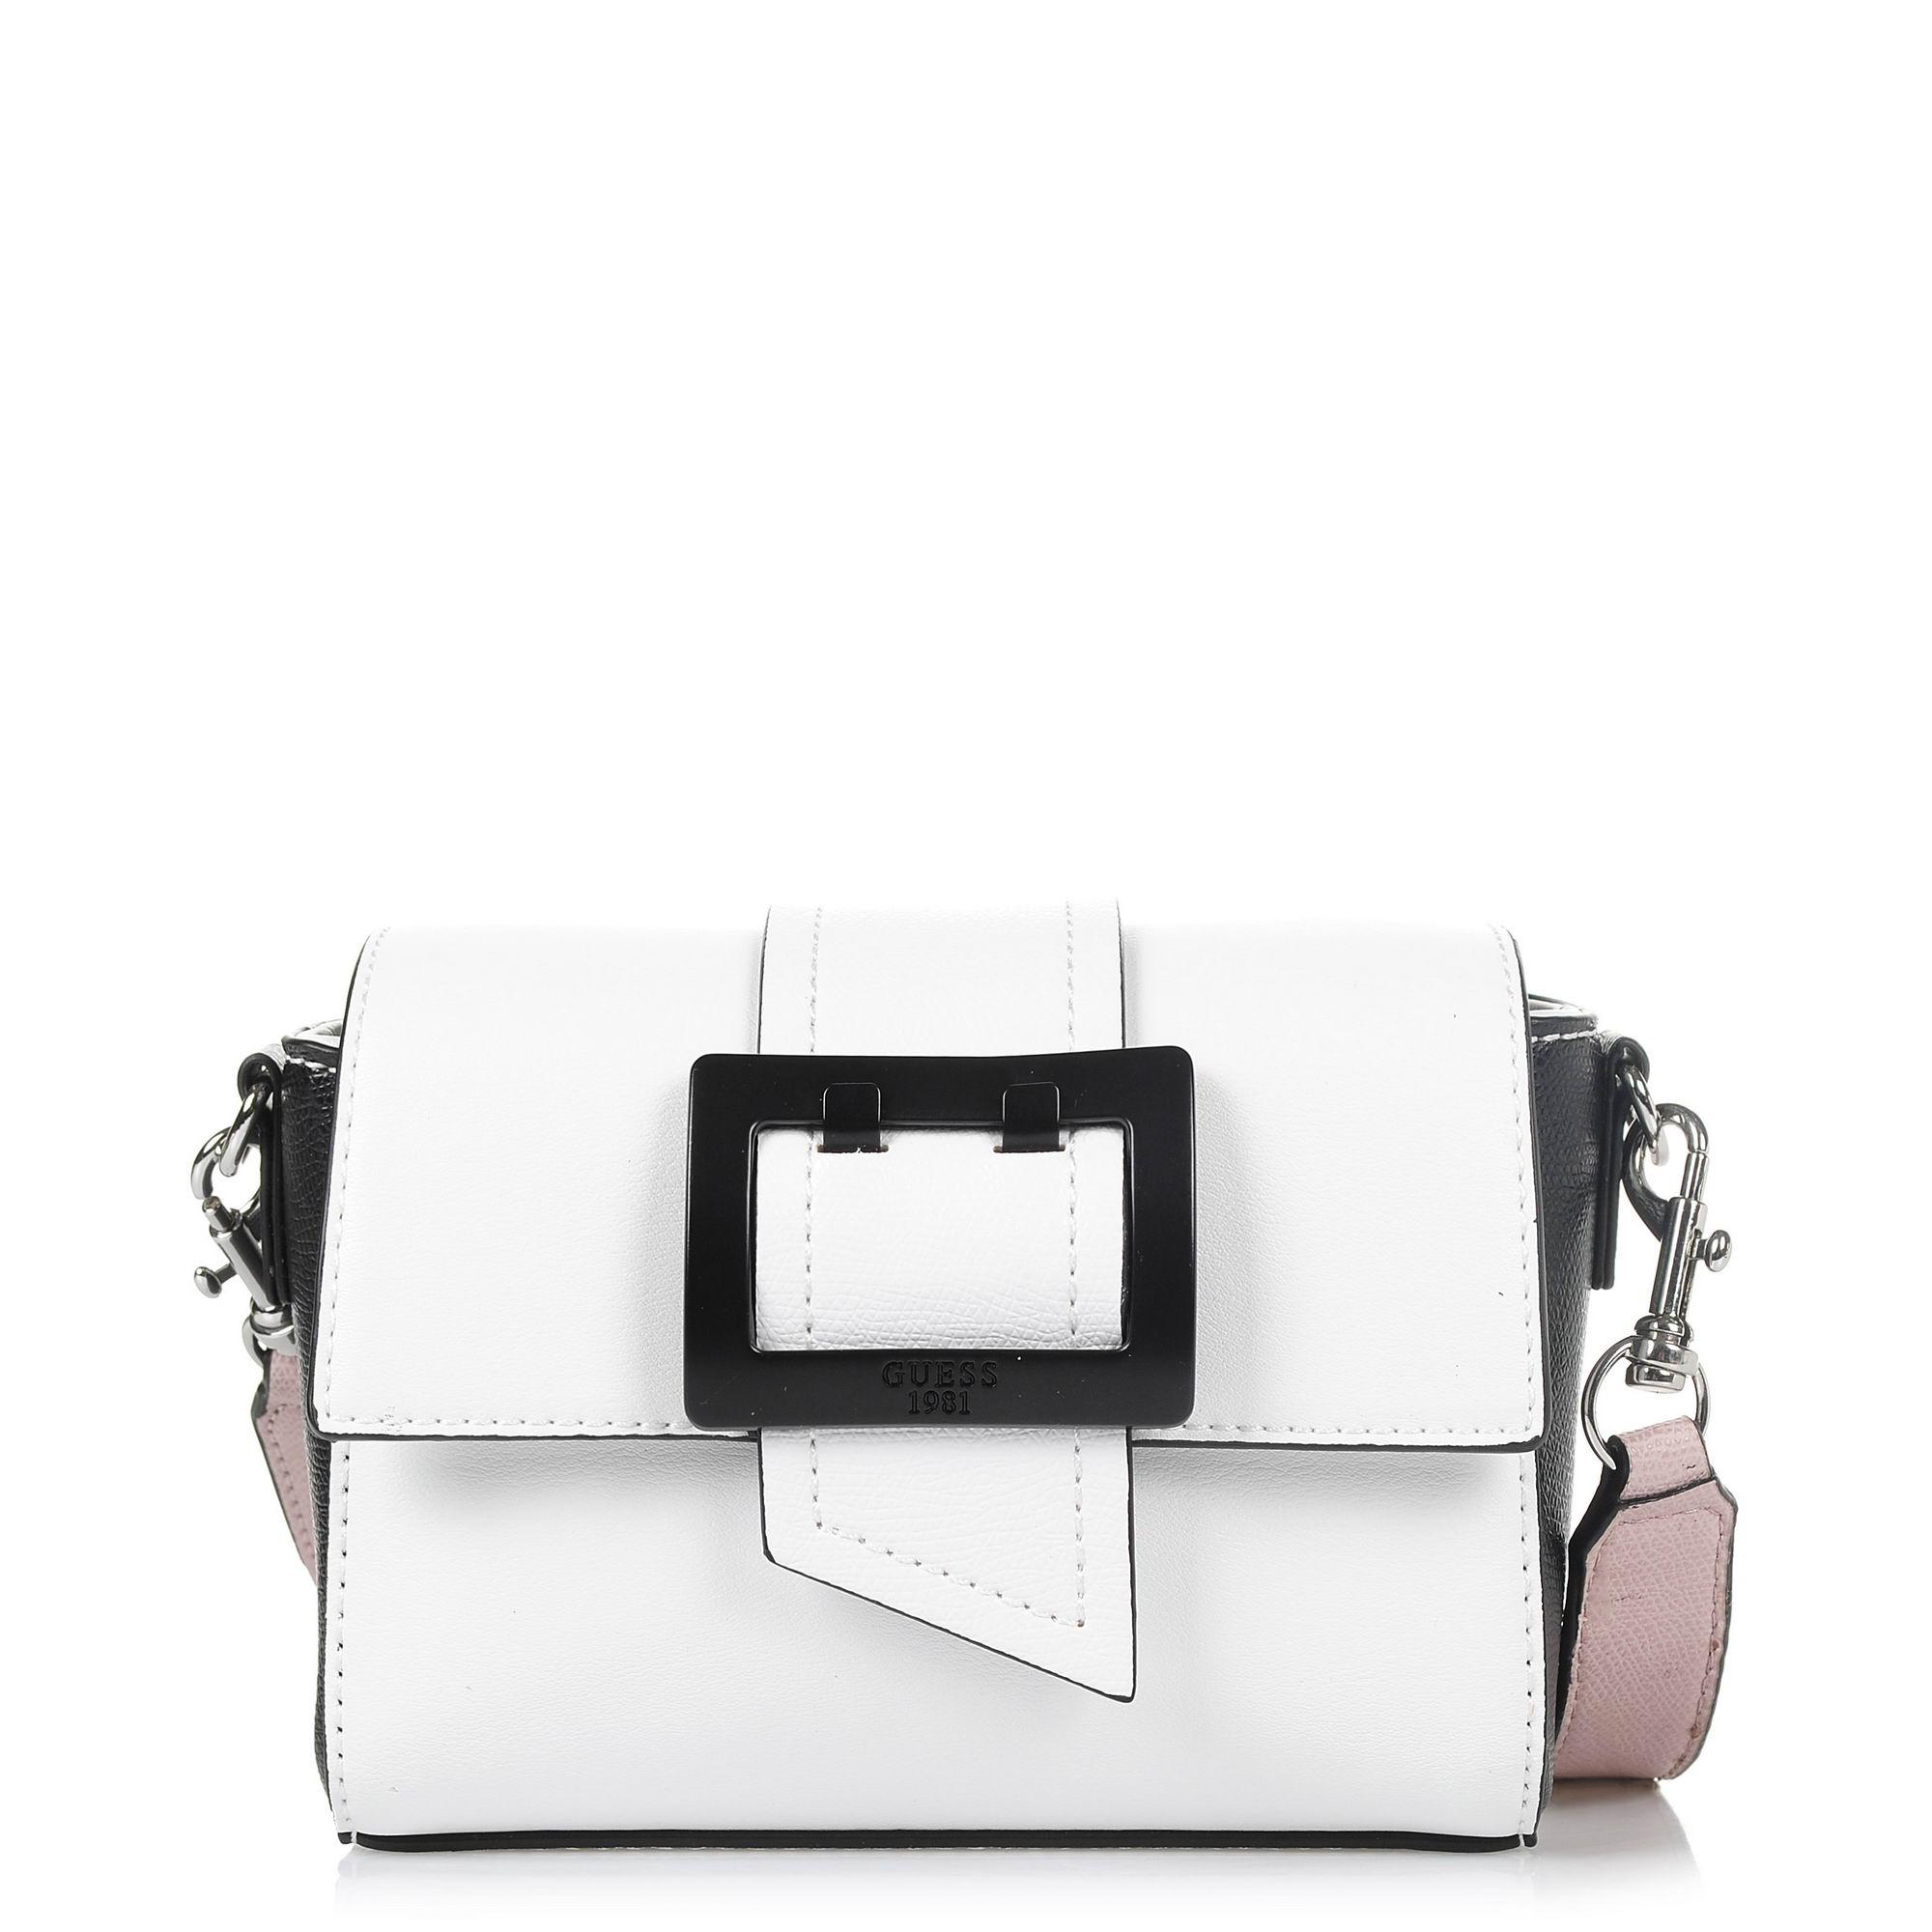 Τσαντάκι Ώμου - Χιαστί Guess Tori Mini BG685678 γυναικα   γυναικεία τσάντα